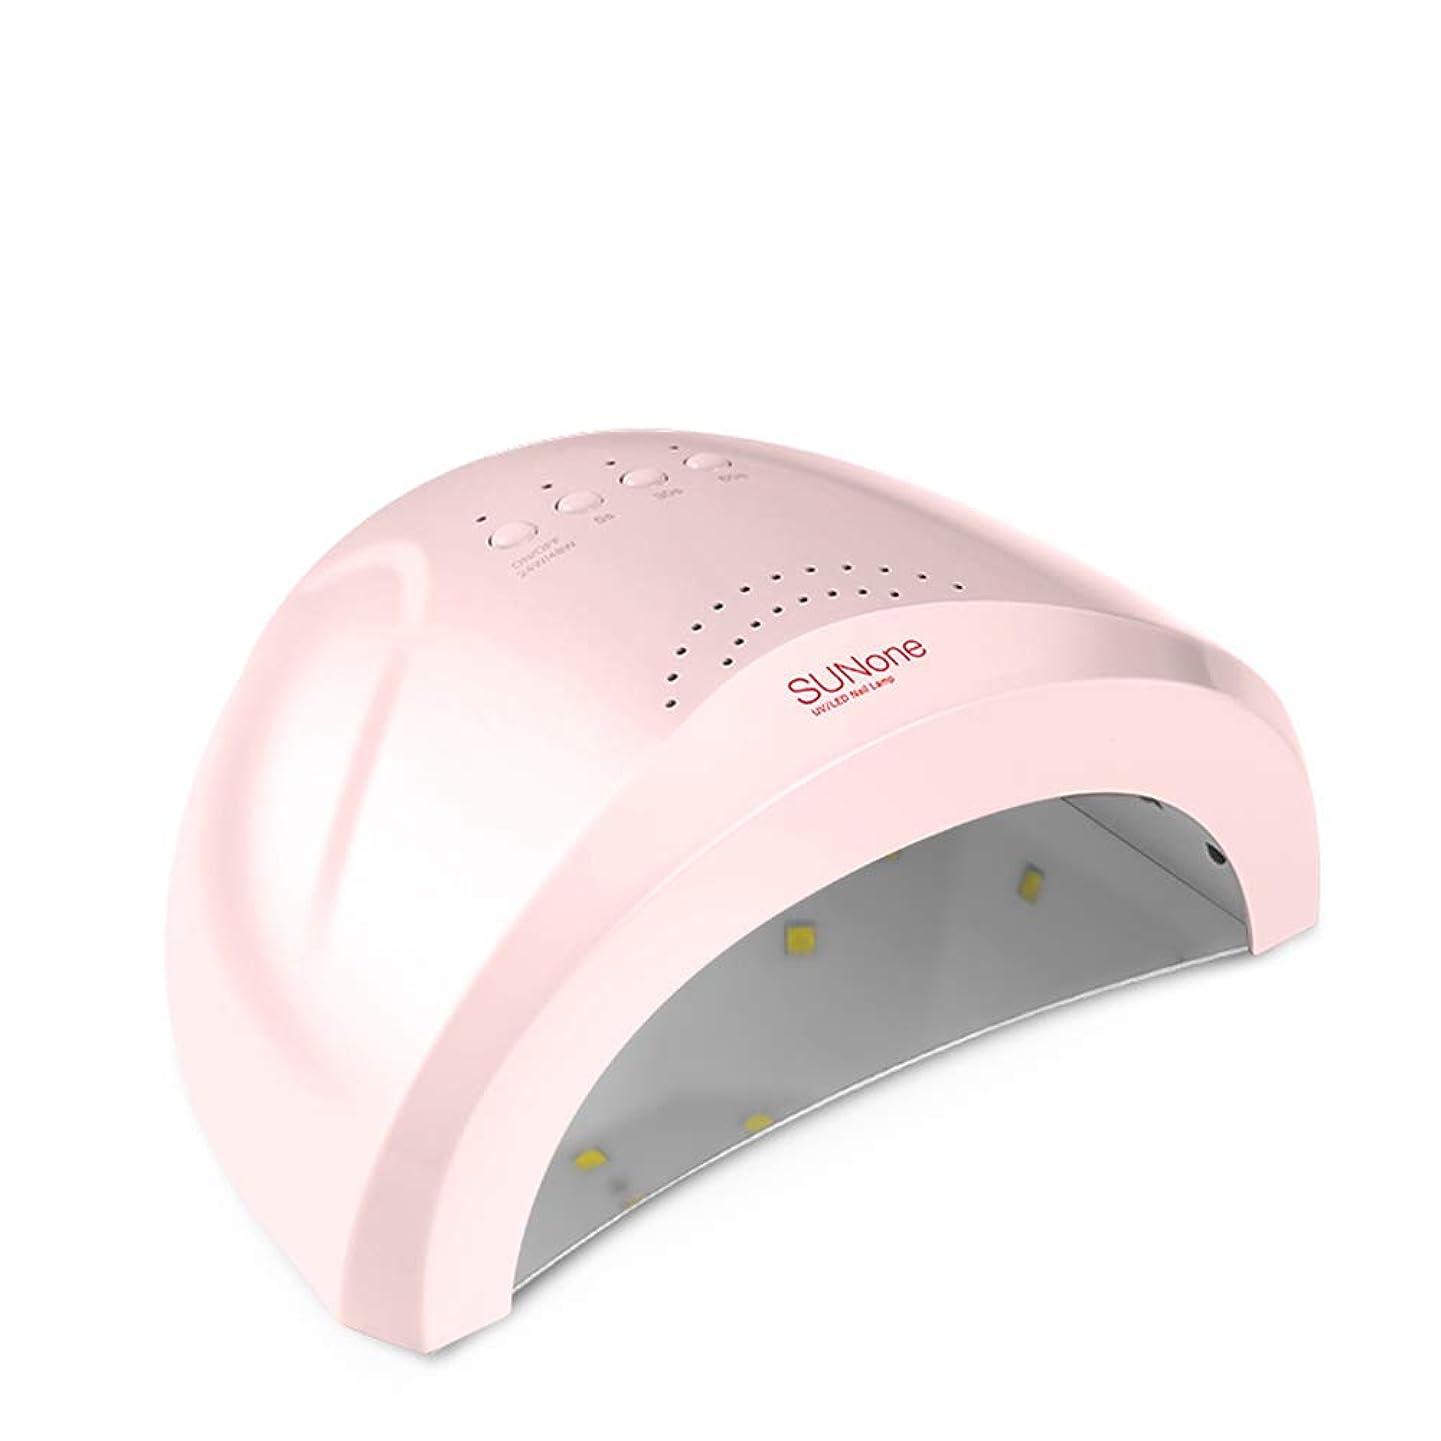 フラフープタービン地雷原速乾性LEDネイルライト - ネイル光線療法機、48Wハイパワー/ 30ランプビーズ/ 4スピードタイミング - デュアル光源/スマートセンサー - ホワイト/ピンク